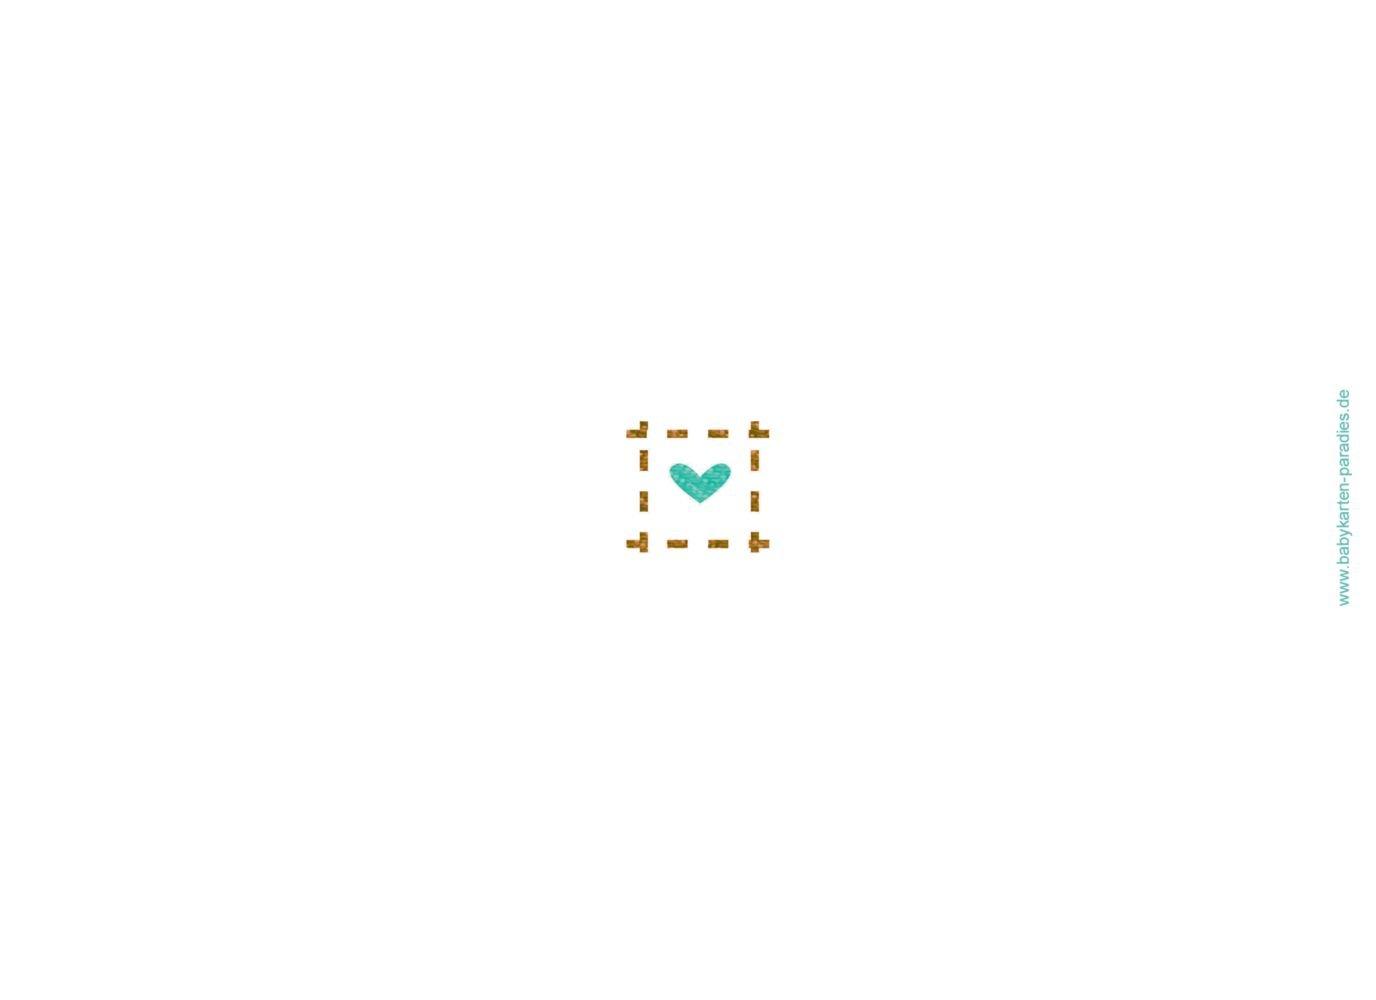 Kartenparadies Kartenparadies Kartenparadies Danksagung für Geburt Baby Dankeskarte Herzrahmen, hochwertige Danksagungskarte Baby inklusive Umschläge   100 Karten - (Format  148x105 mm) Farbe  Lila B01N7XYRWI | Deutschland München  | Deutschland Berlin  | Züchtungen Eingef e8e4b6